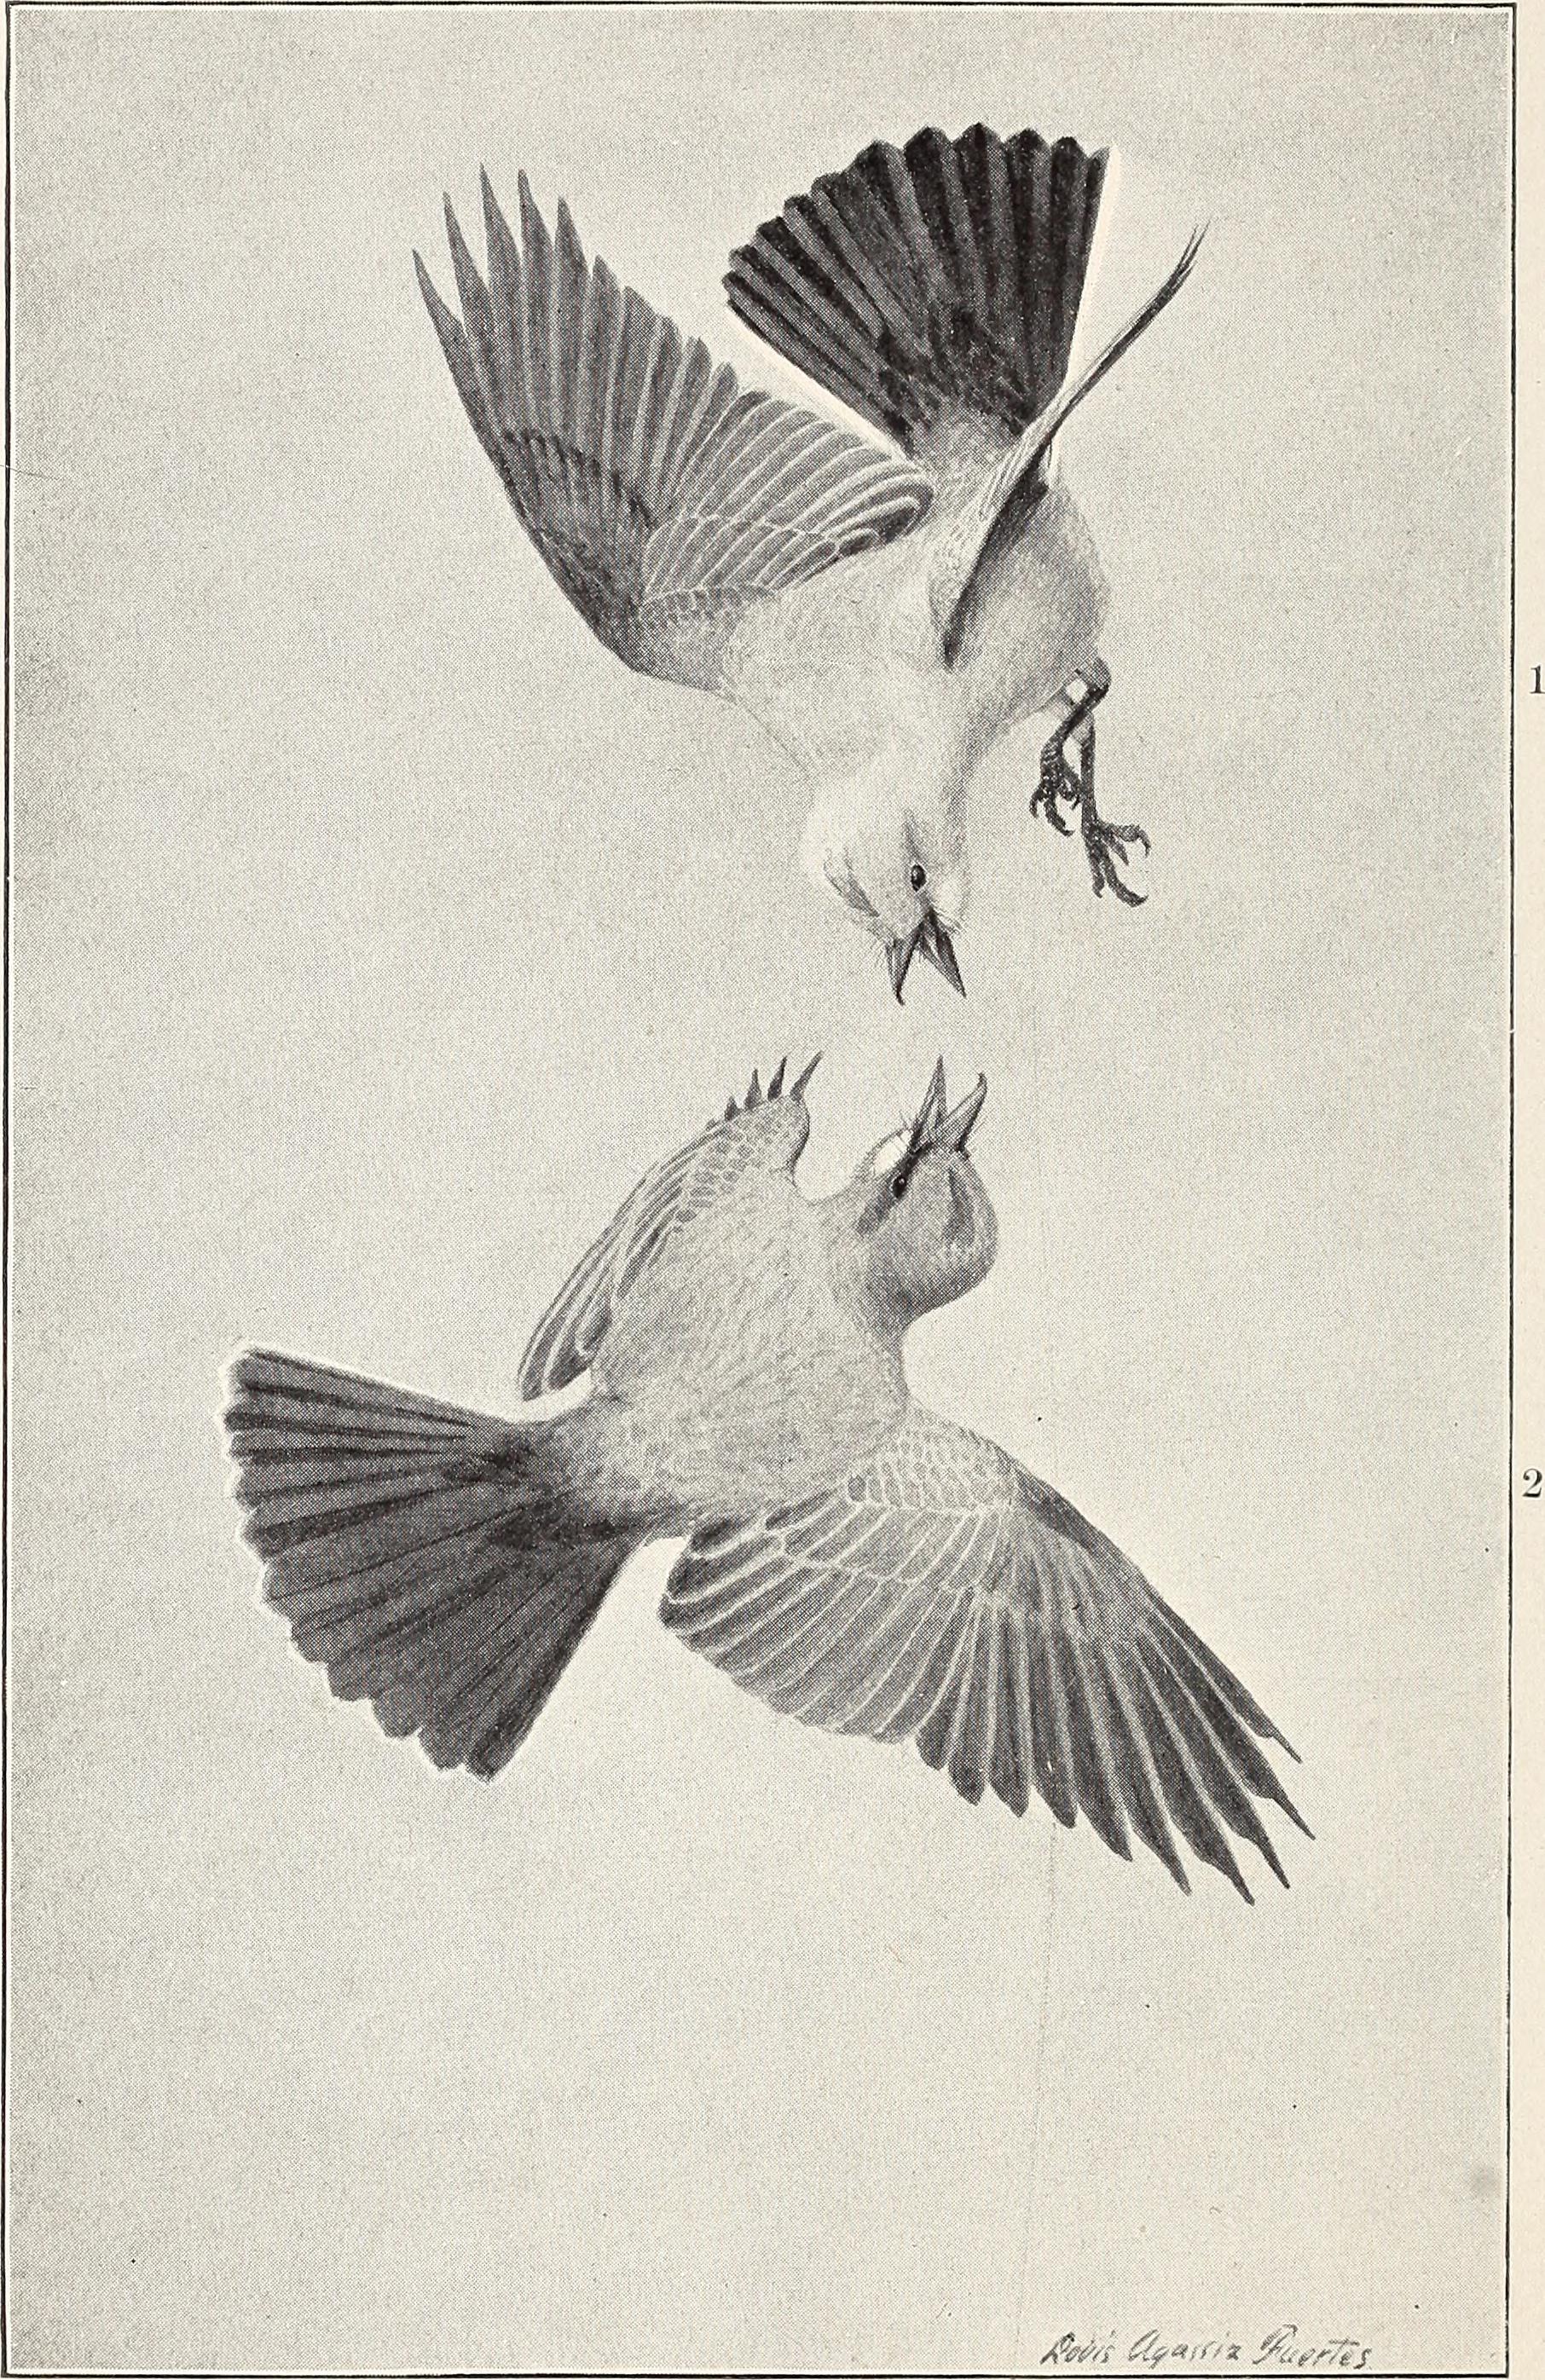 Rio birds of a fabulous feather